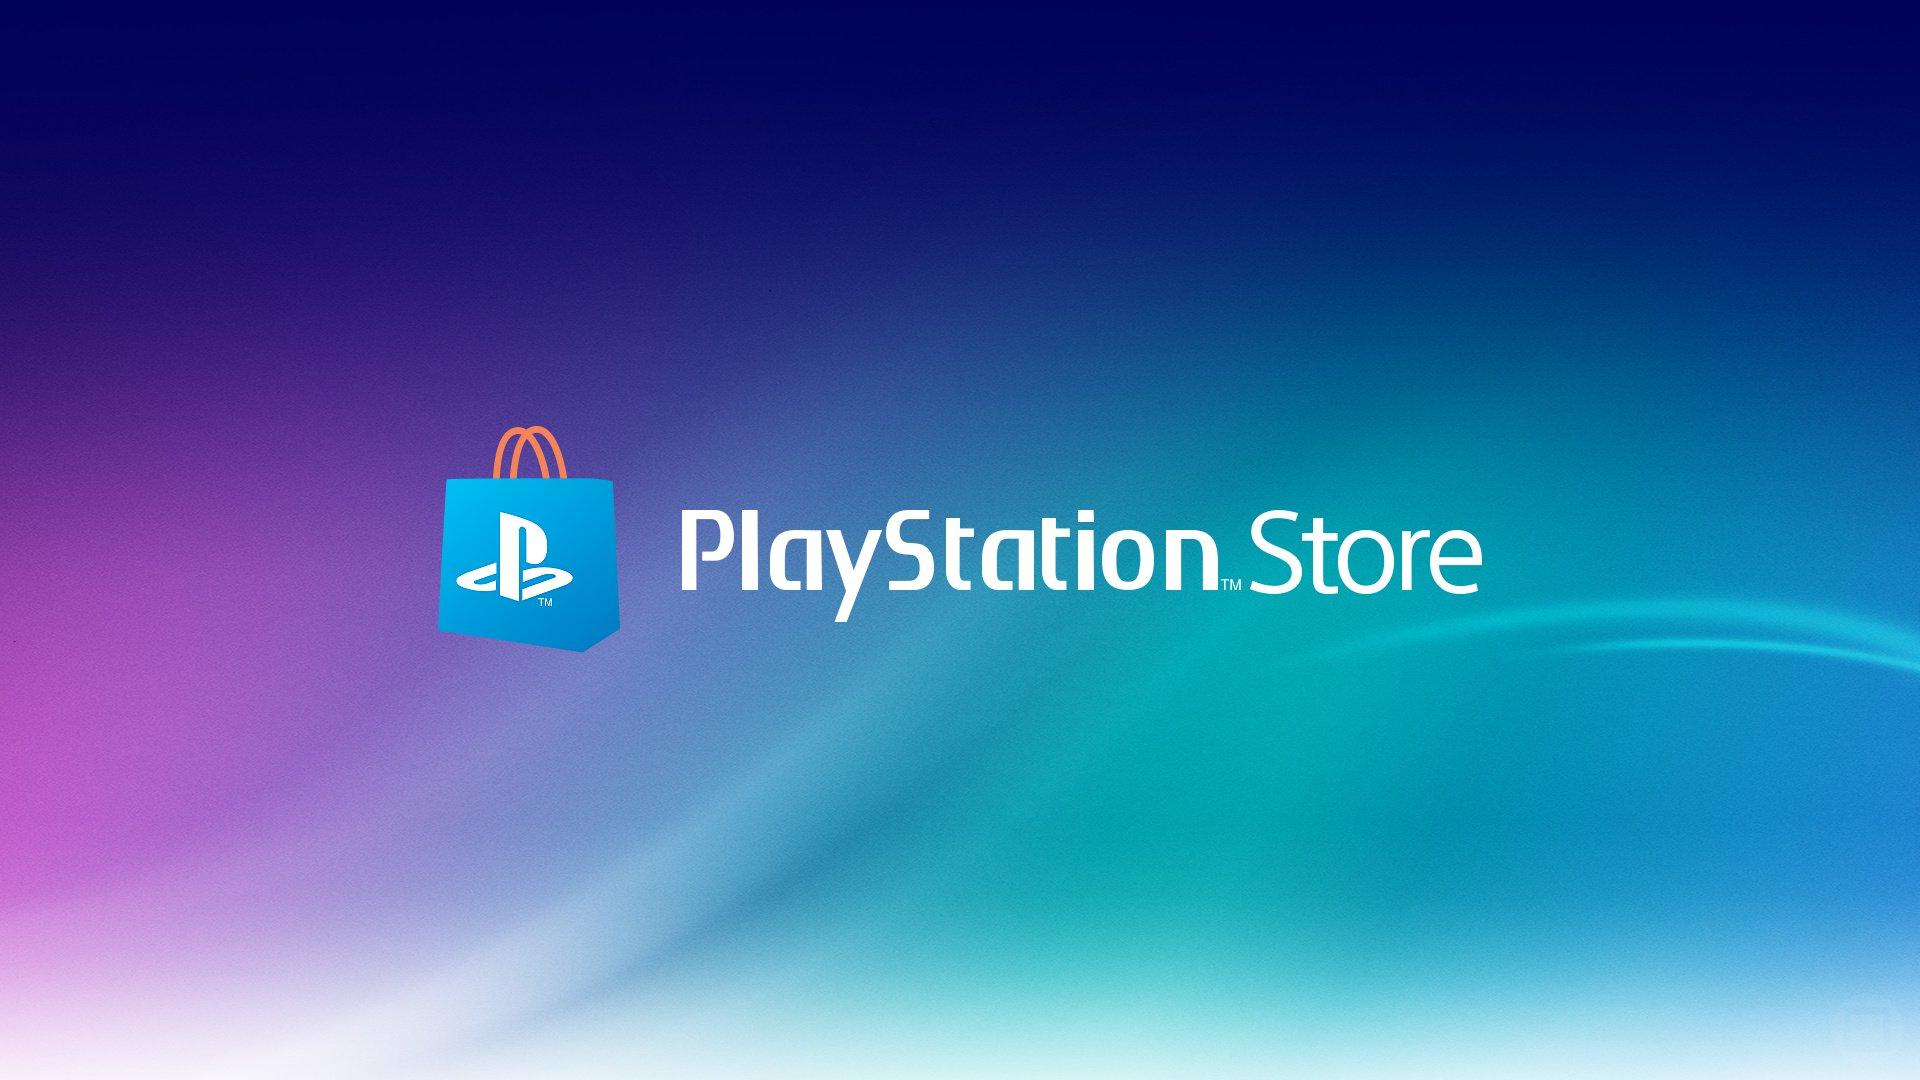 PlayStation Store Txinan bertan behera geratu da